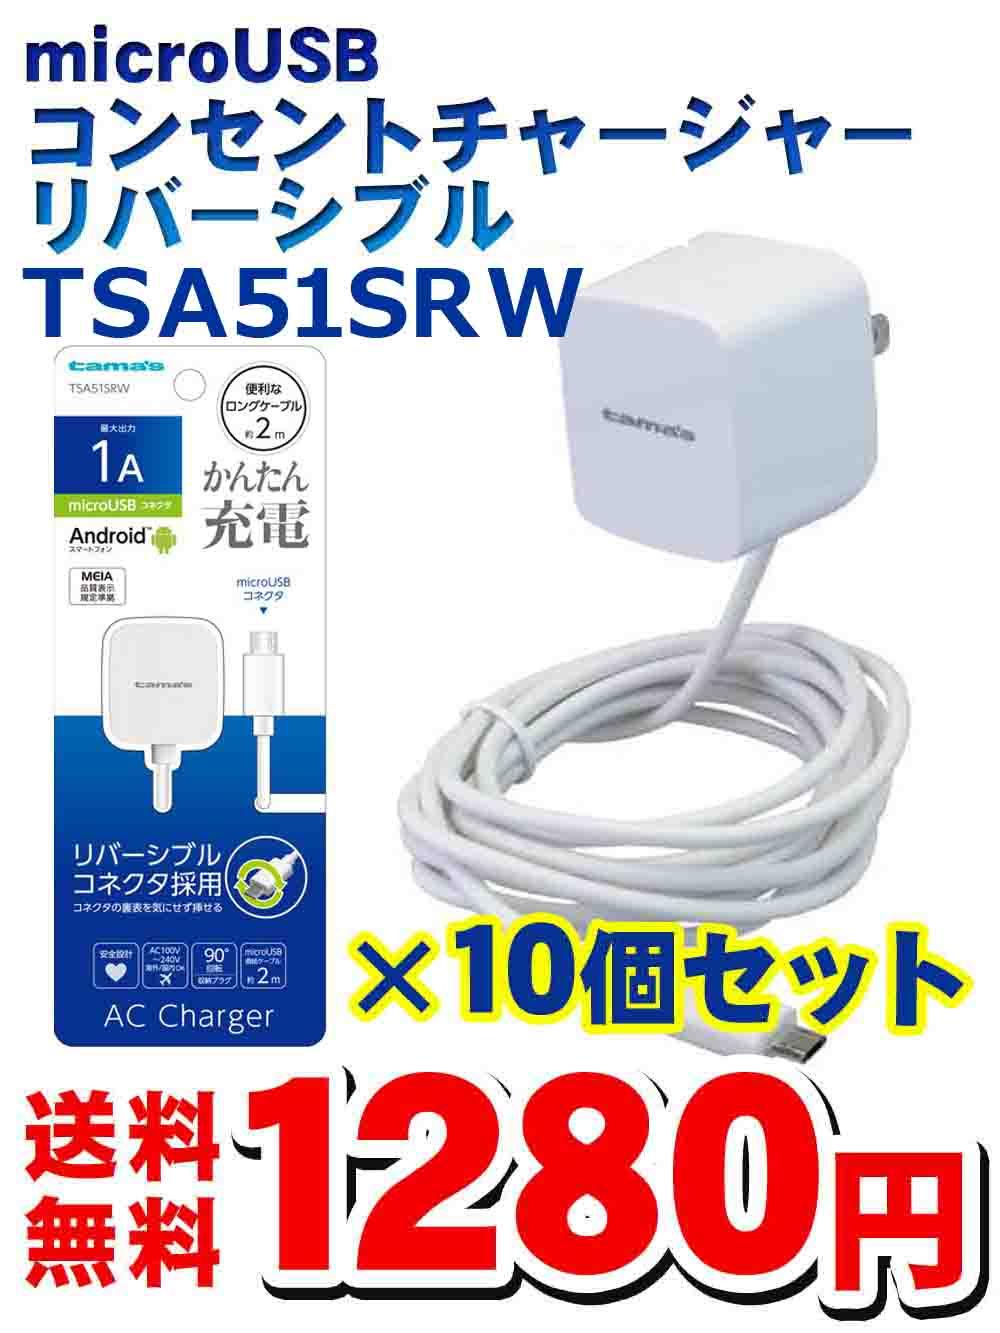 【送料無料】microUSBコンセントチャージャーリバーシブル1A(TSA51SRW) 激安仕入れ!【10点】1280円